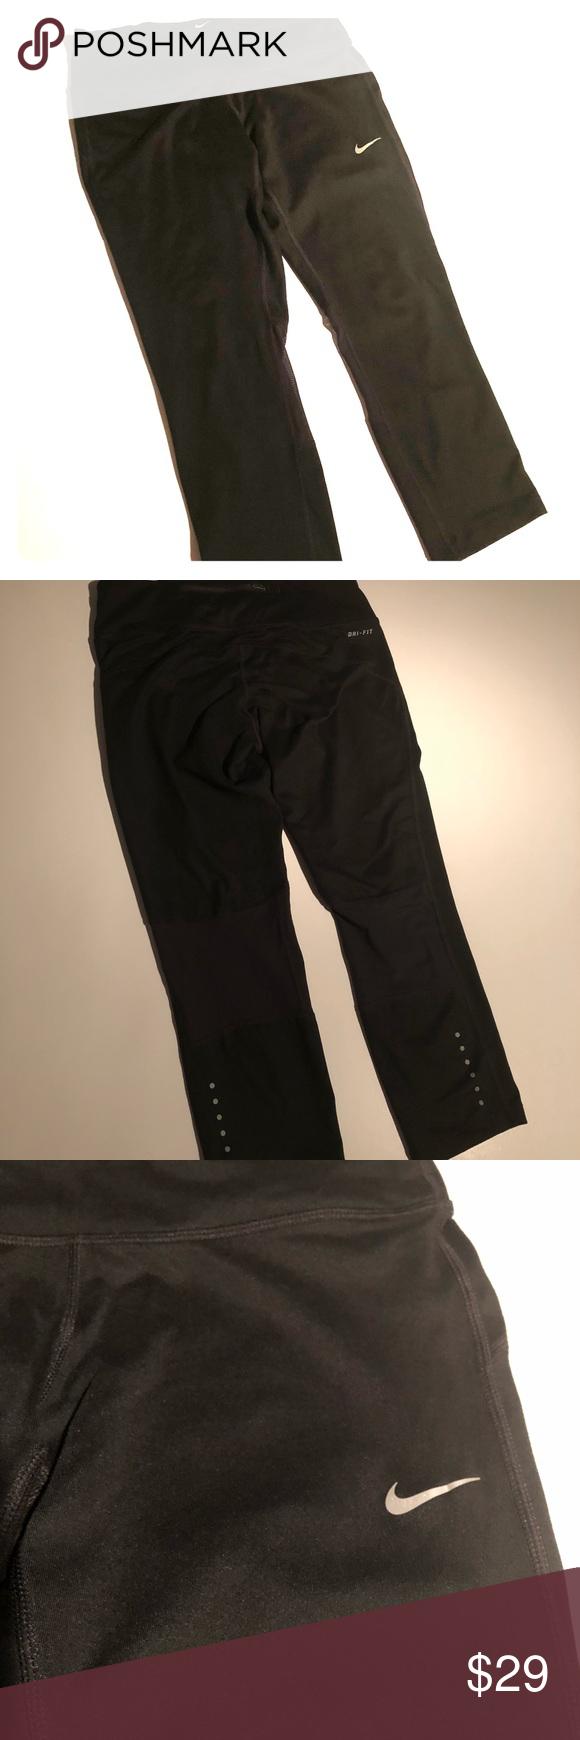 Nike midcalf leggings in my posh picks pinterest